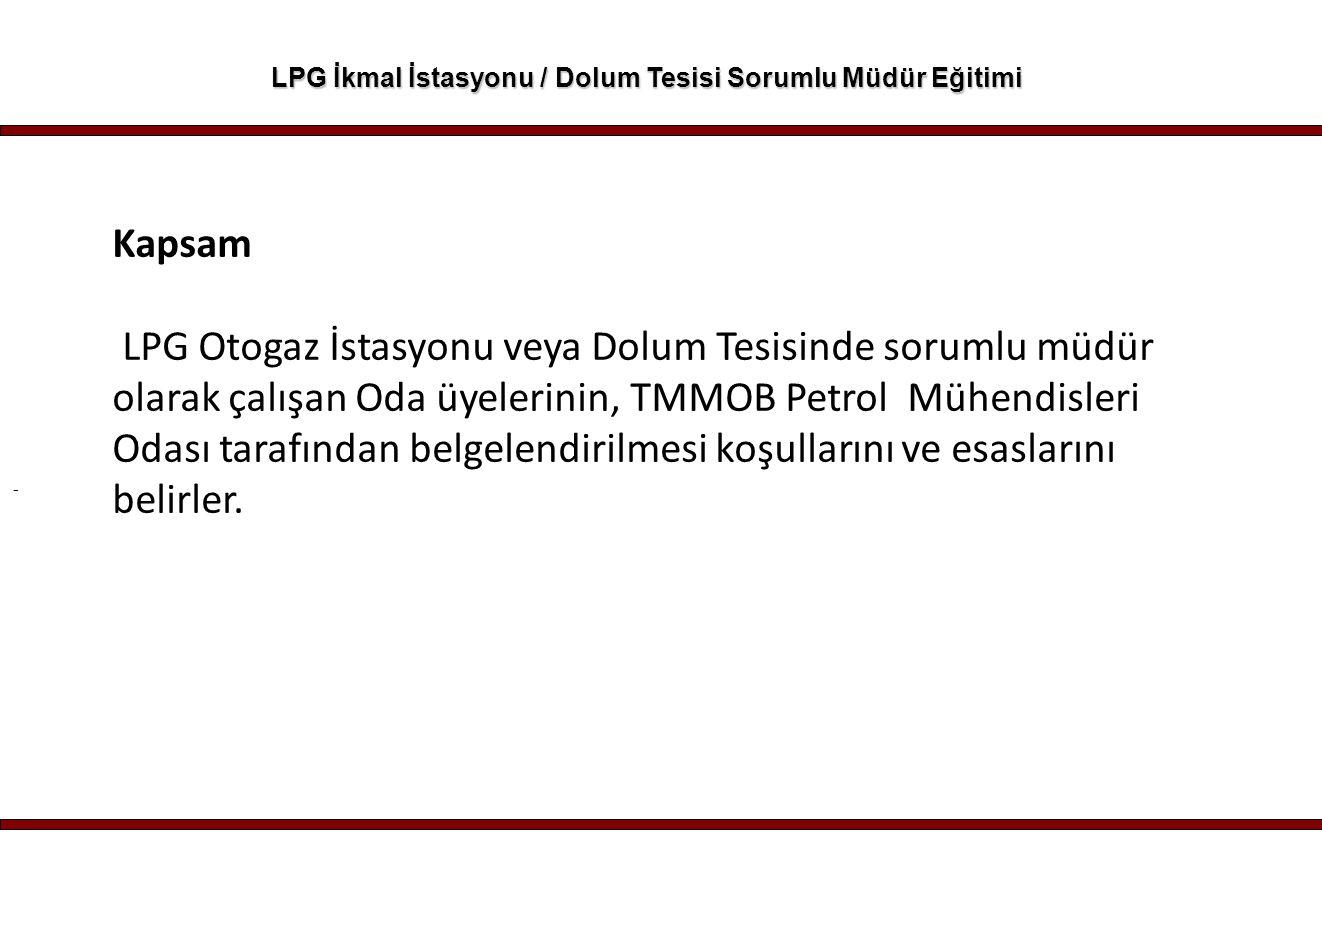 - LPG İkmal İstasyonu / Dolum Tesisi Sorumlu Müdür Eğitimi Kapsam LPG Otogaz İstasyonu veya Dolum Tesisinde sorumlu müdür olarak çalışan Oda üyelerini